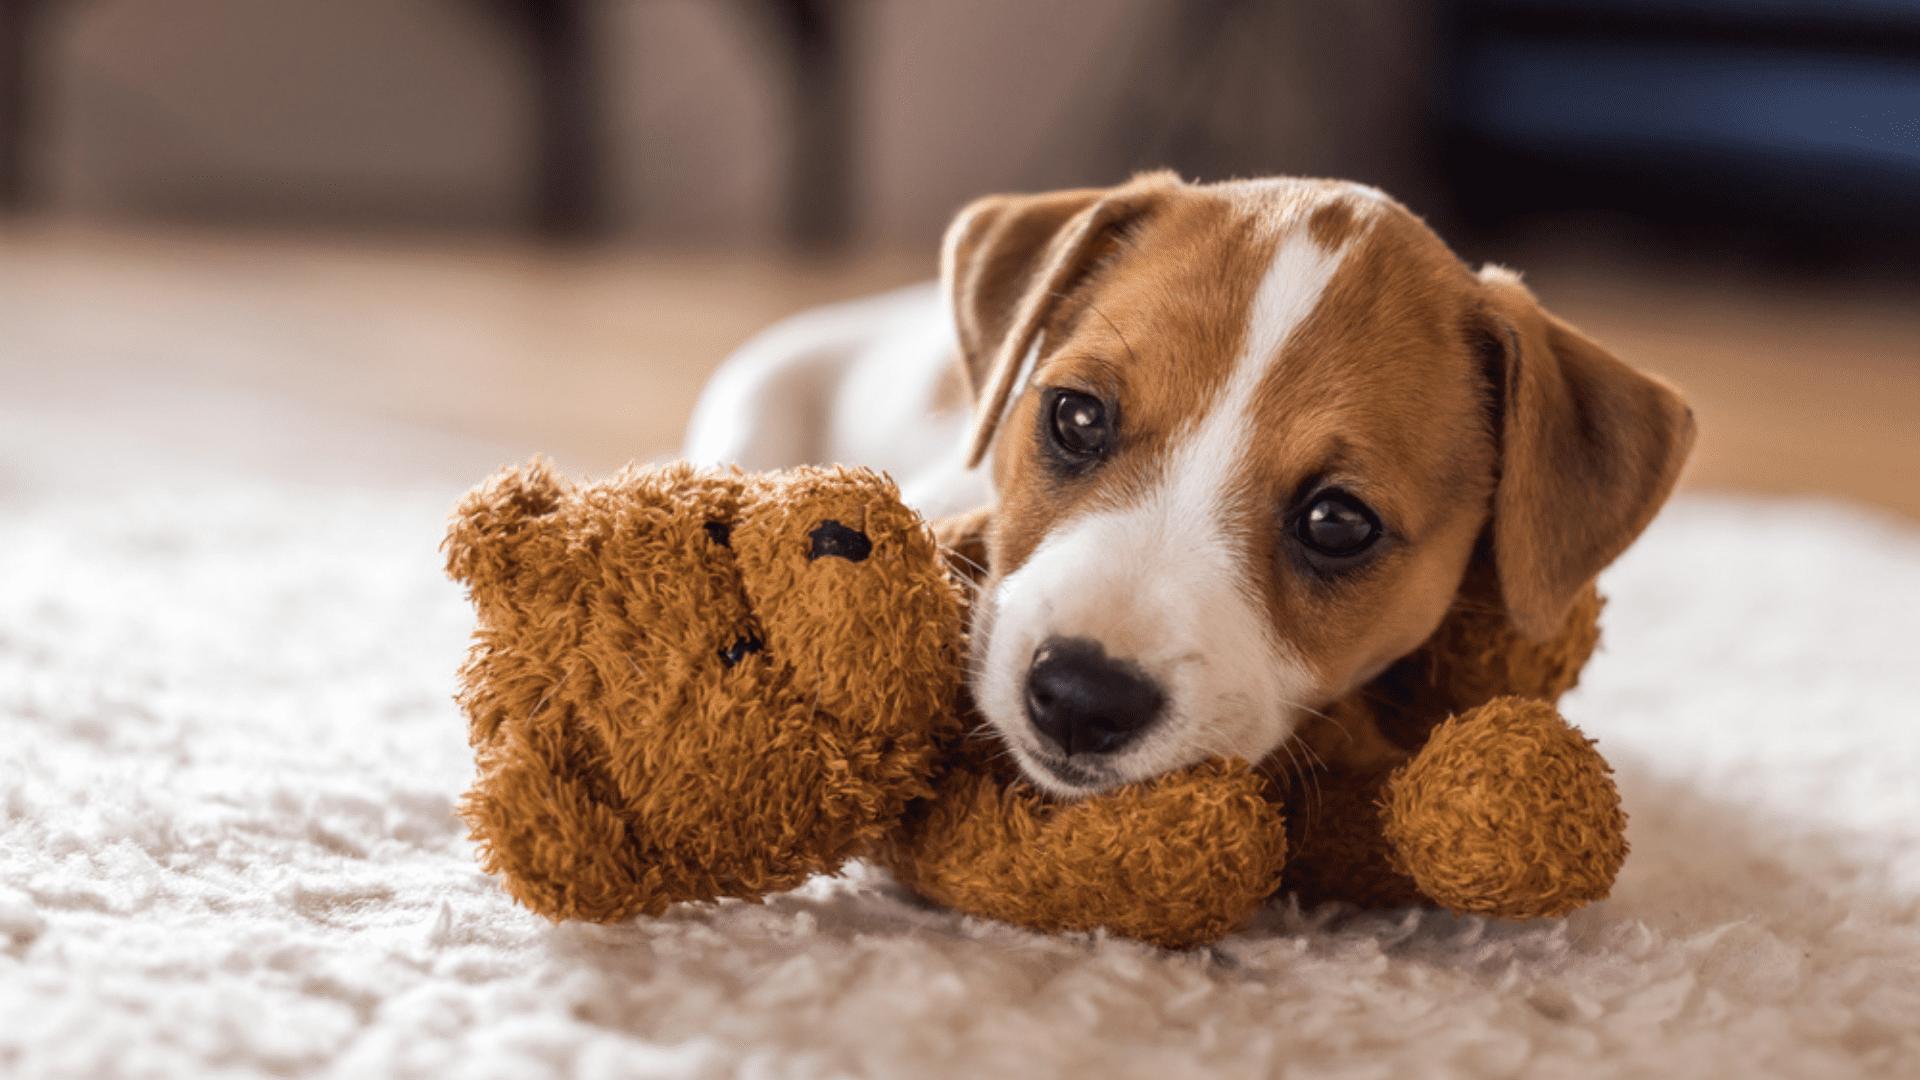 Além de servir como brinquedo para cachorro, a pelúcia é uma ótima companheira para o pet (Reprodução/Shutterstock)